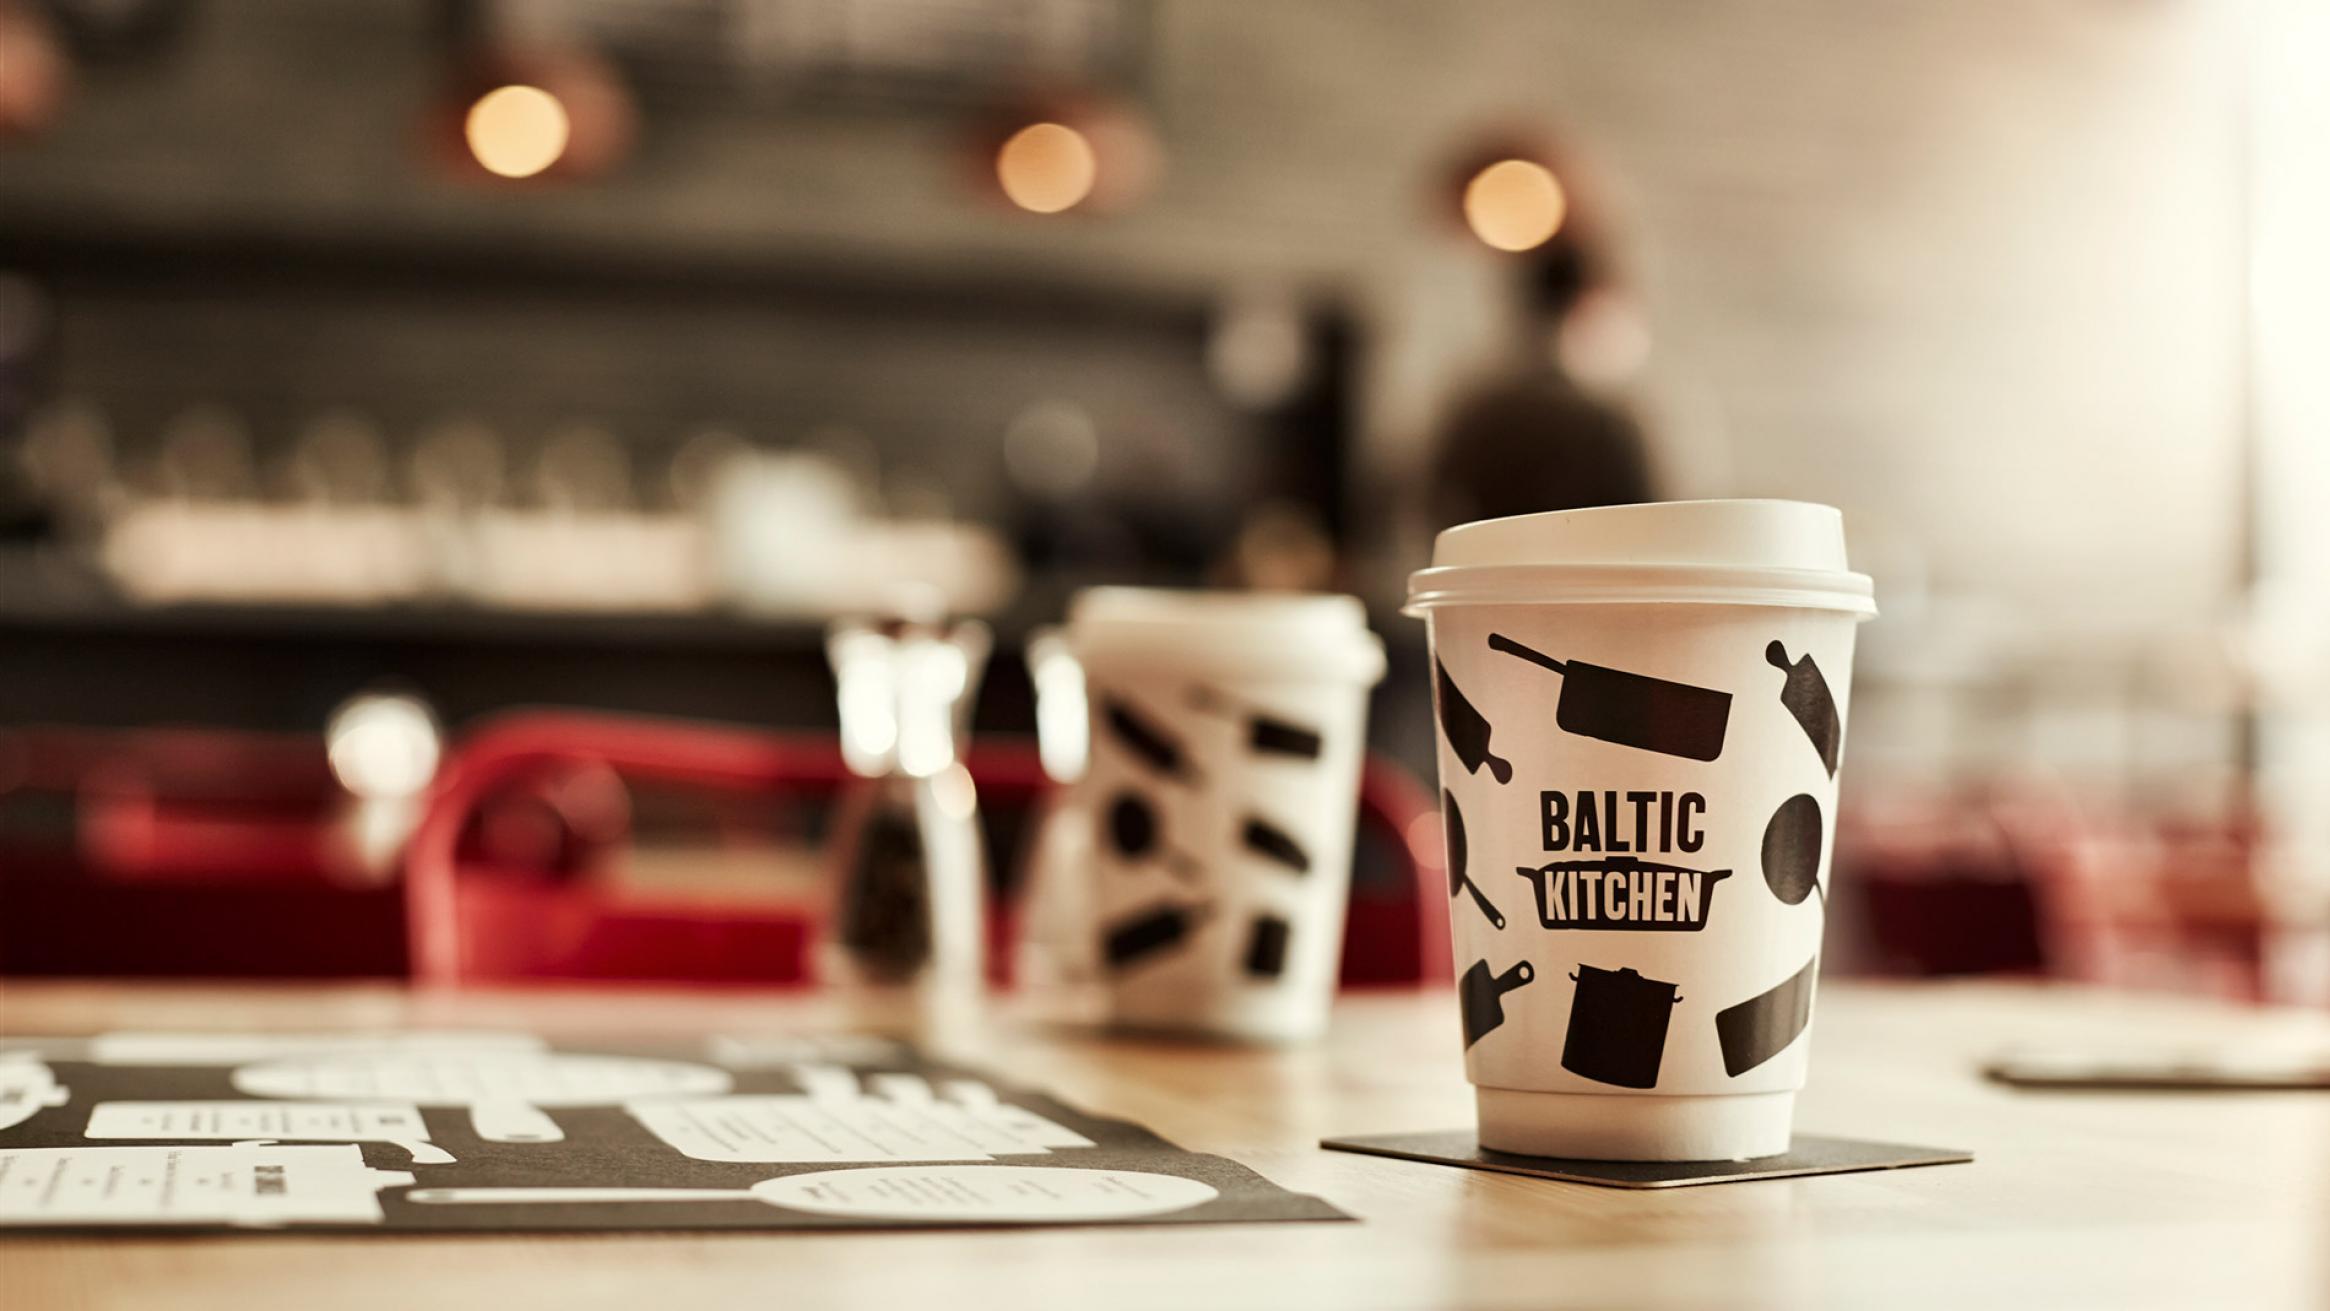 Baltic_Kitchen_197_retouch_web.jpg